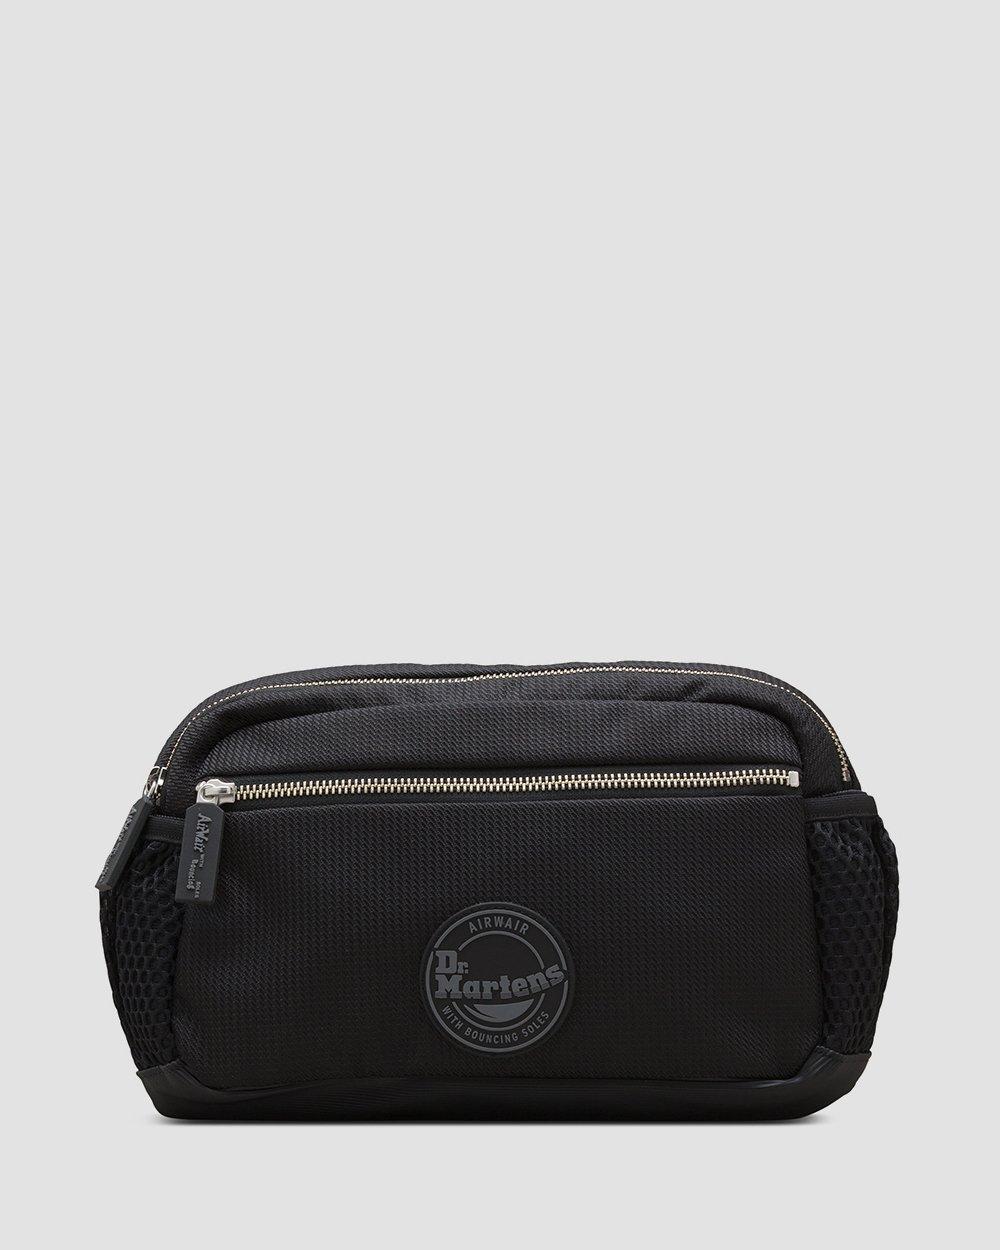 borse e cartelle | accessori | Sito ufficiale Dr. Martens